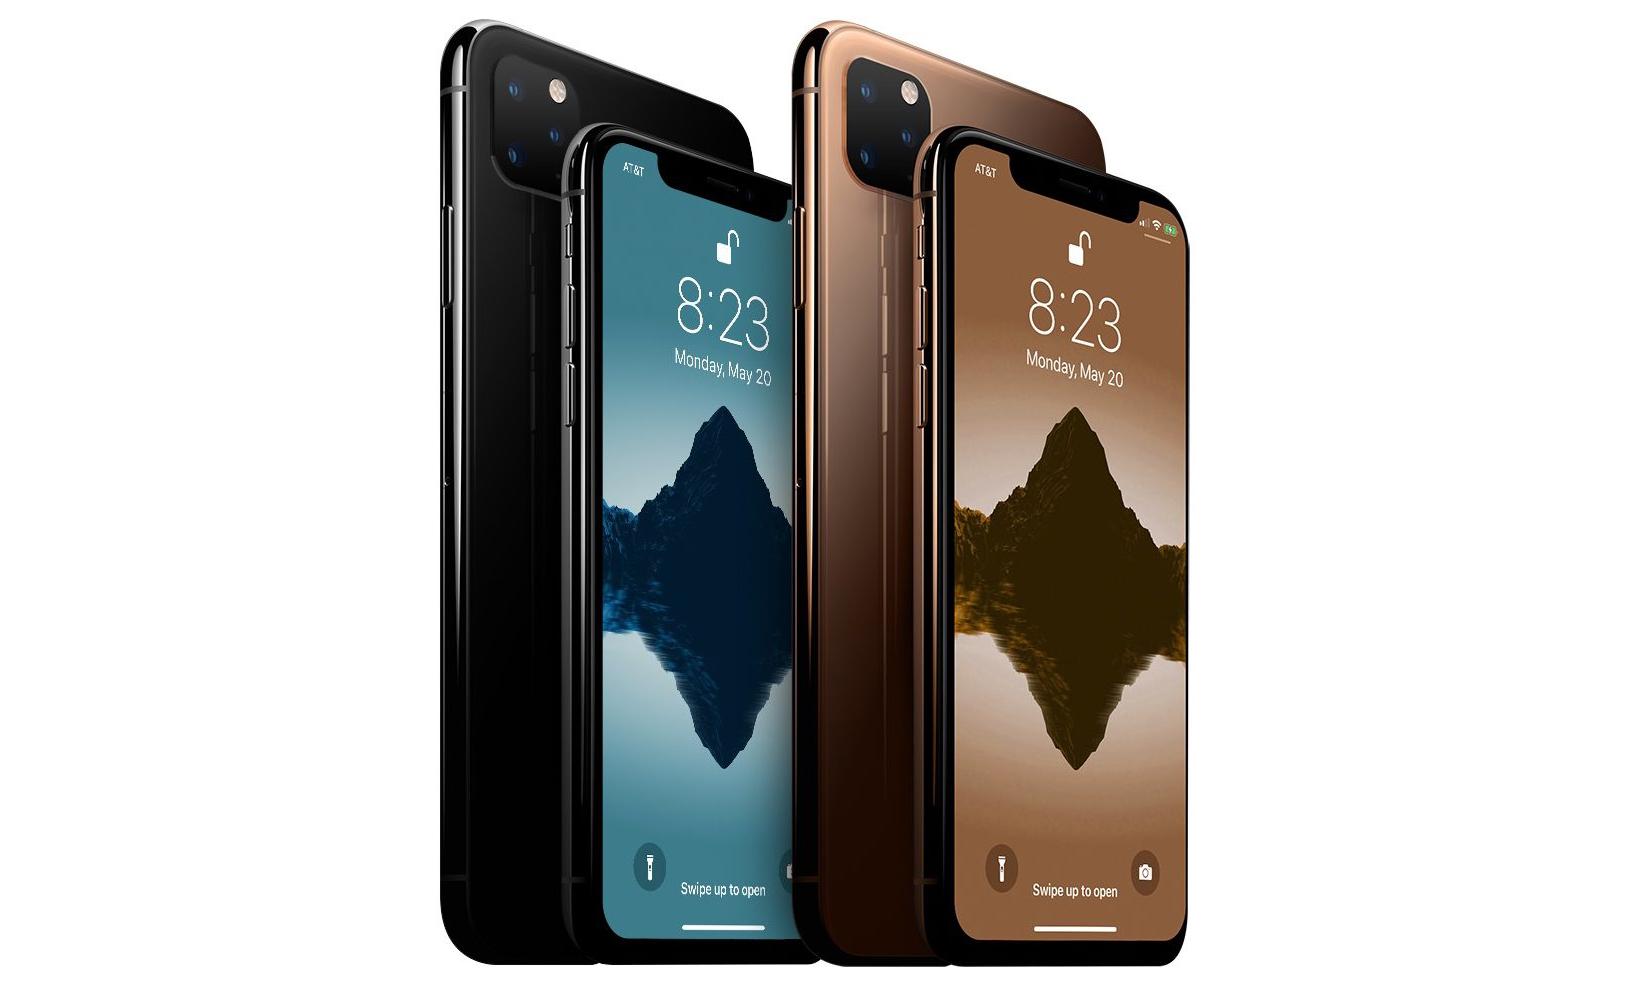 知名分析师郭明錤称 2020 年 iPhone 将配备 ToF 镜头